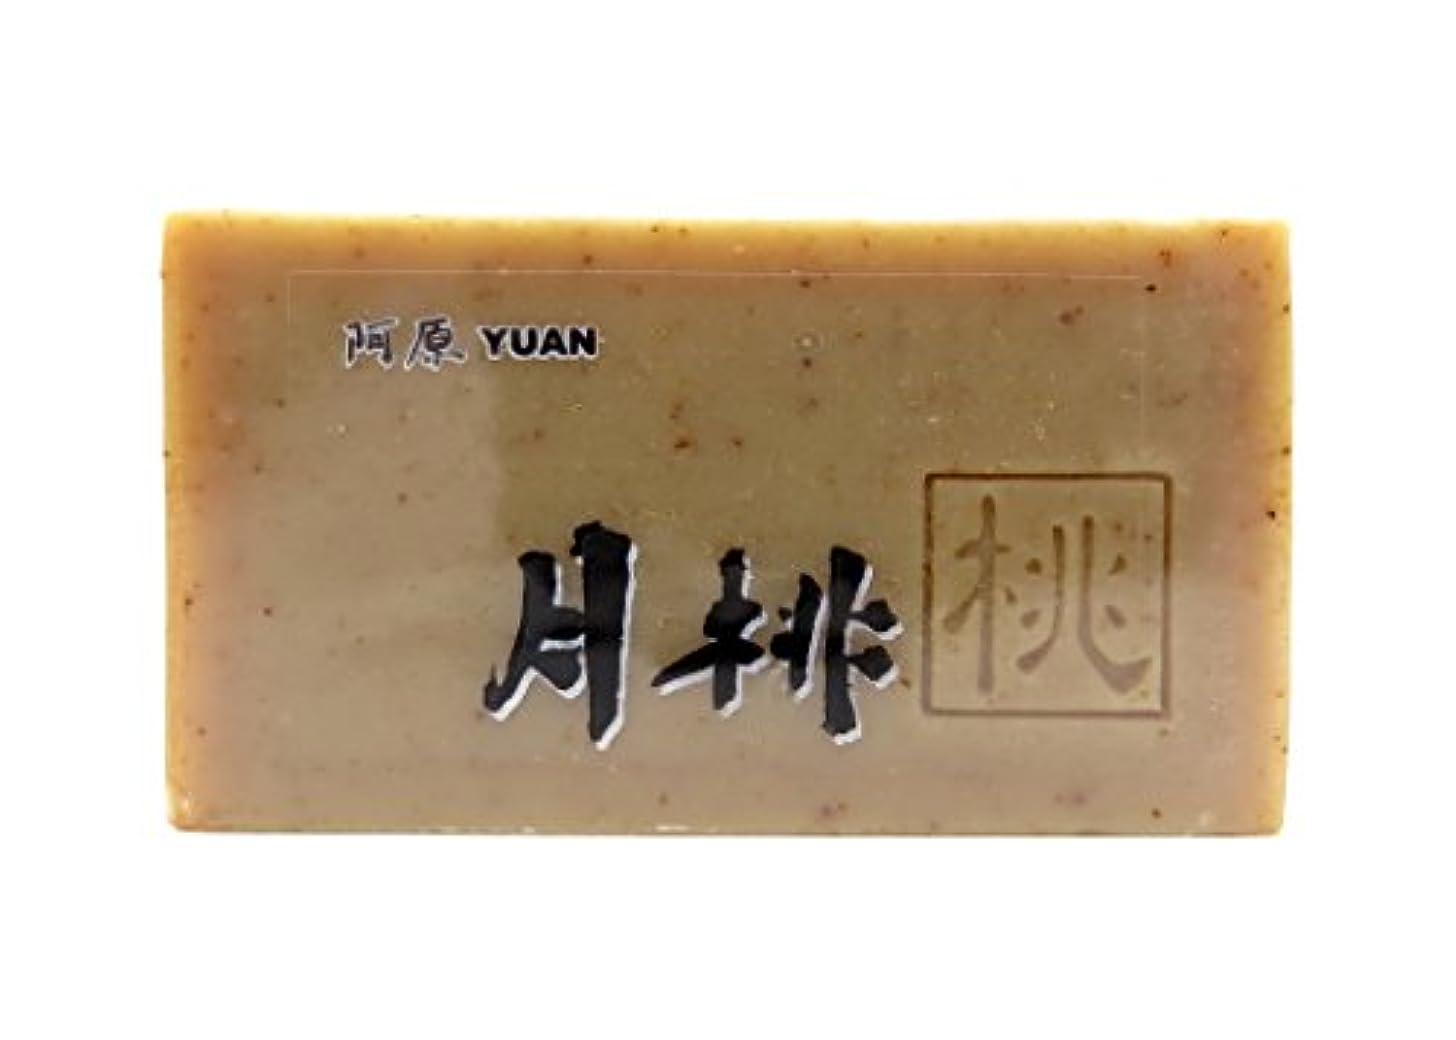 変化義務づけるパッドユアン(YUAN) 月桃(ゲットウ)ソープ 固形 100g (阿原 ユアンソープ)